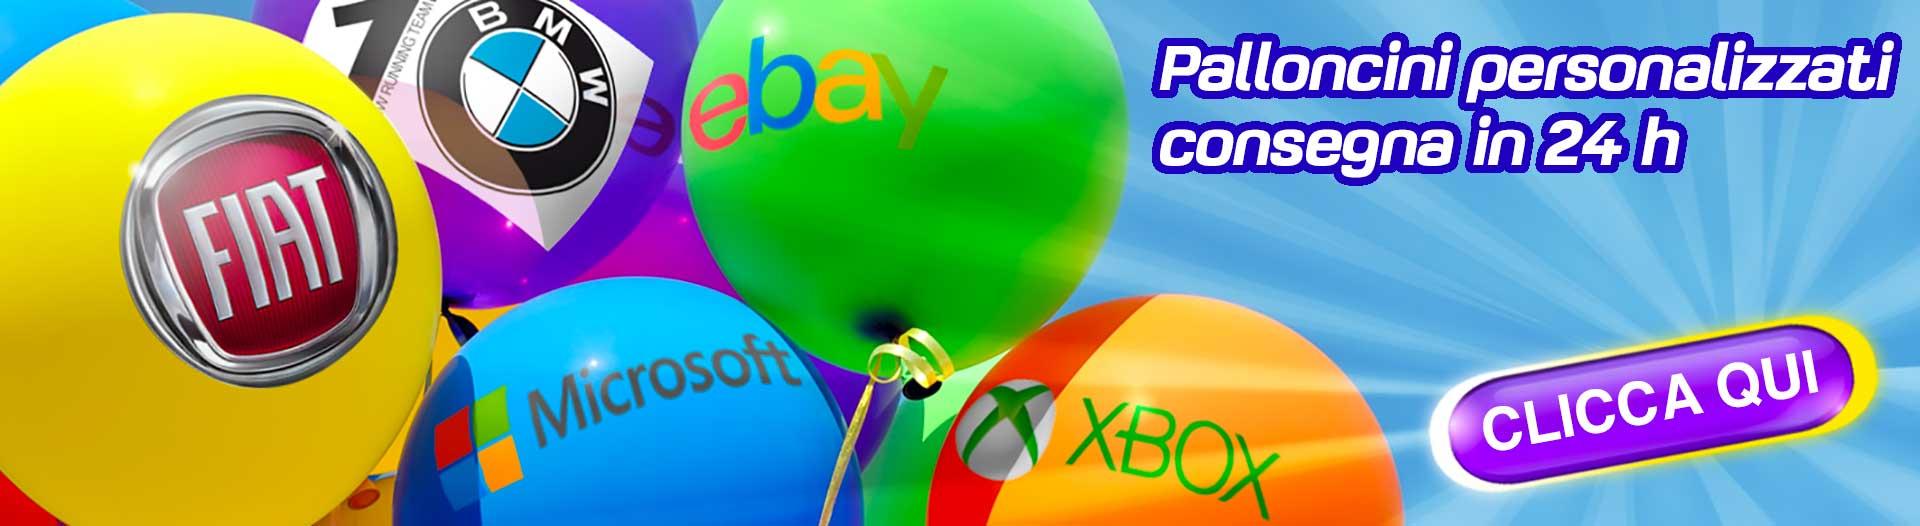 palloncini-personalizzati-newballoonstoremilano